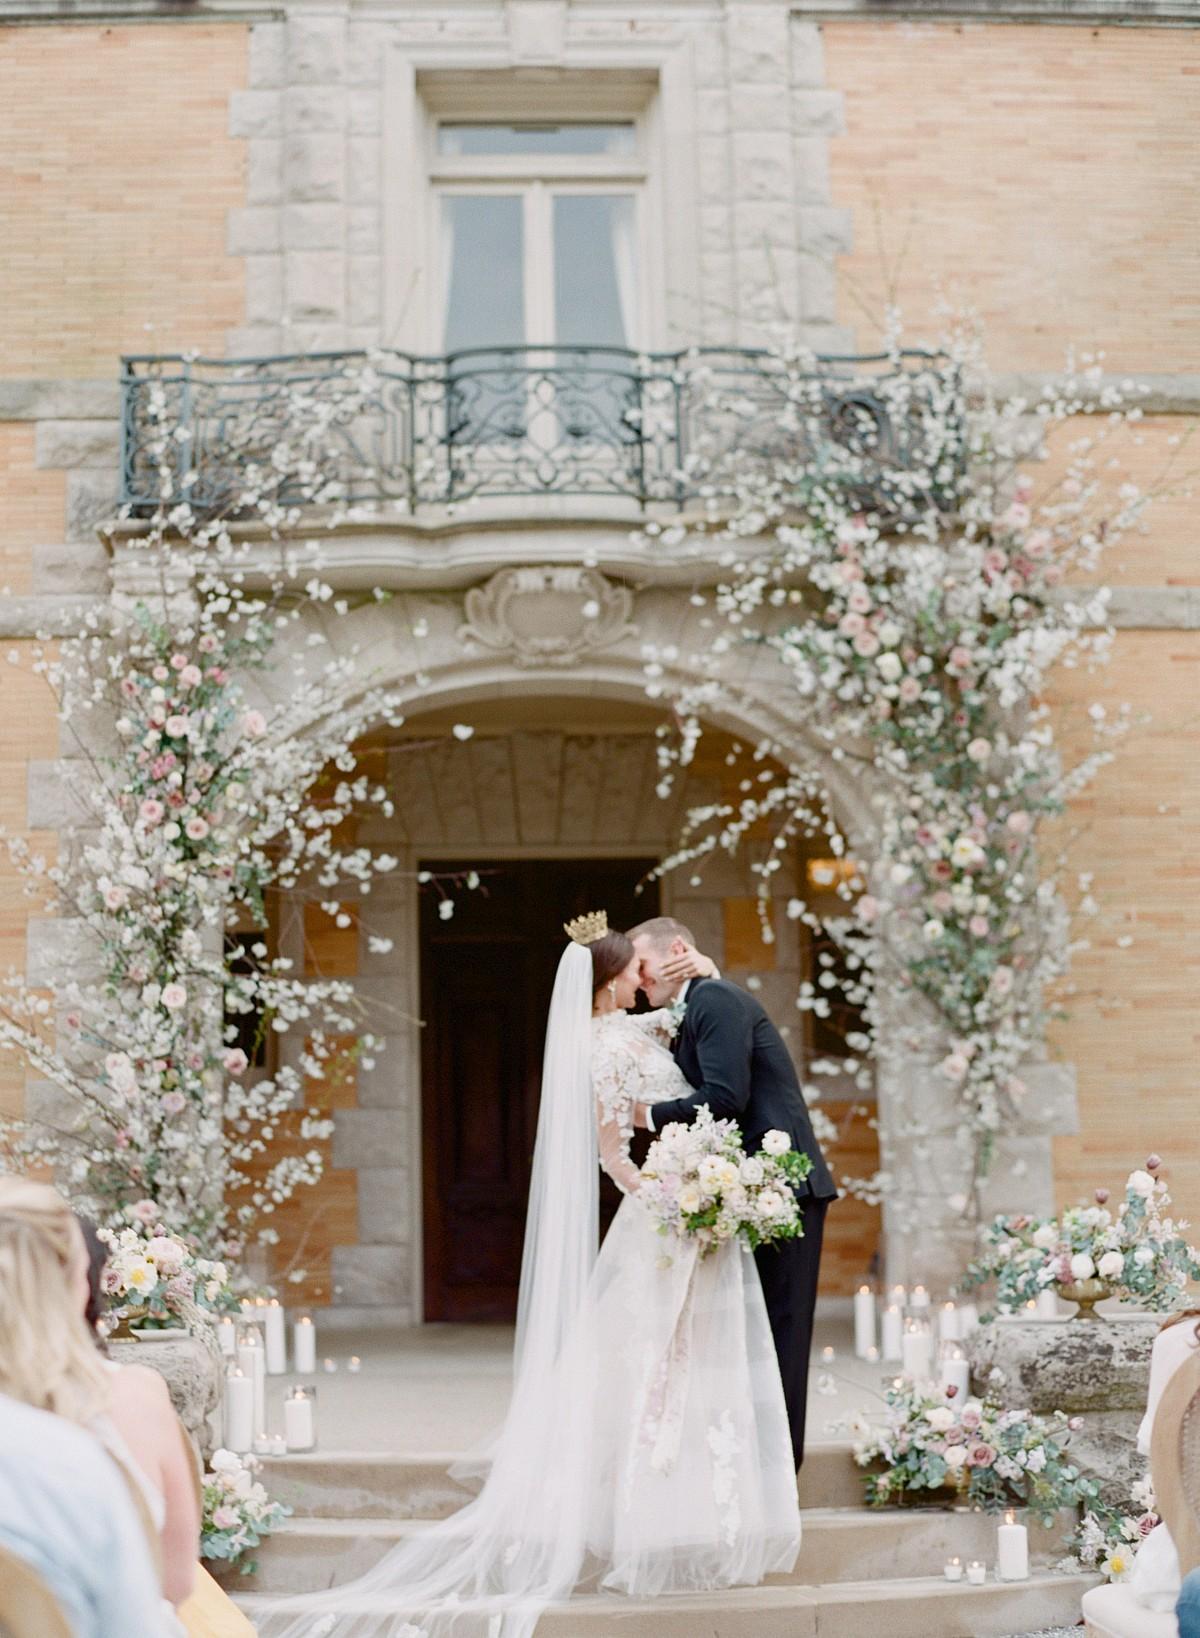 How to Organize a Destination Wedding